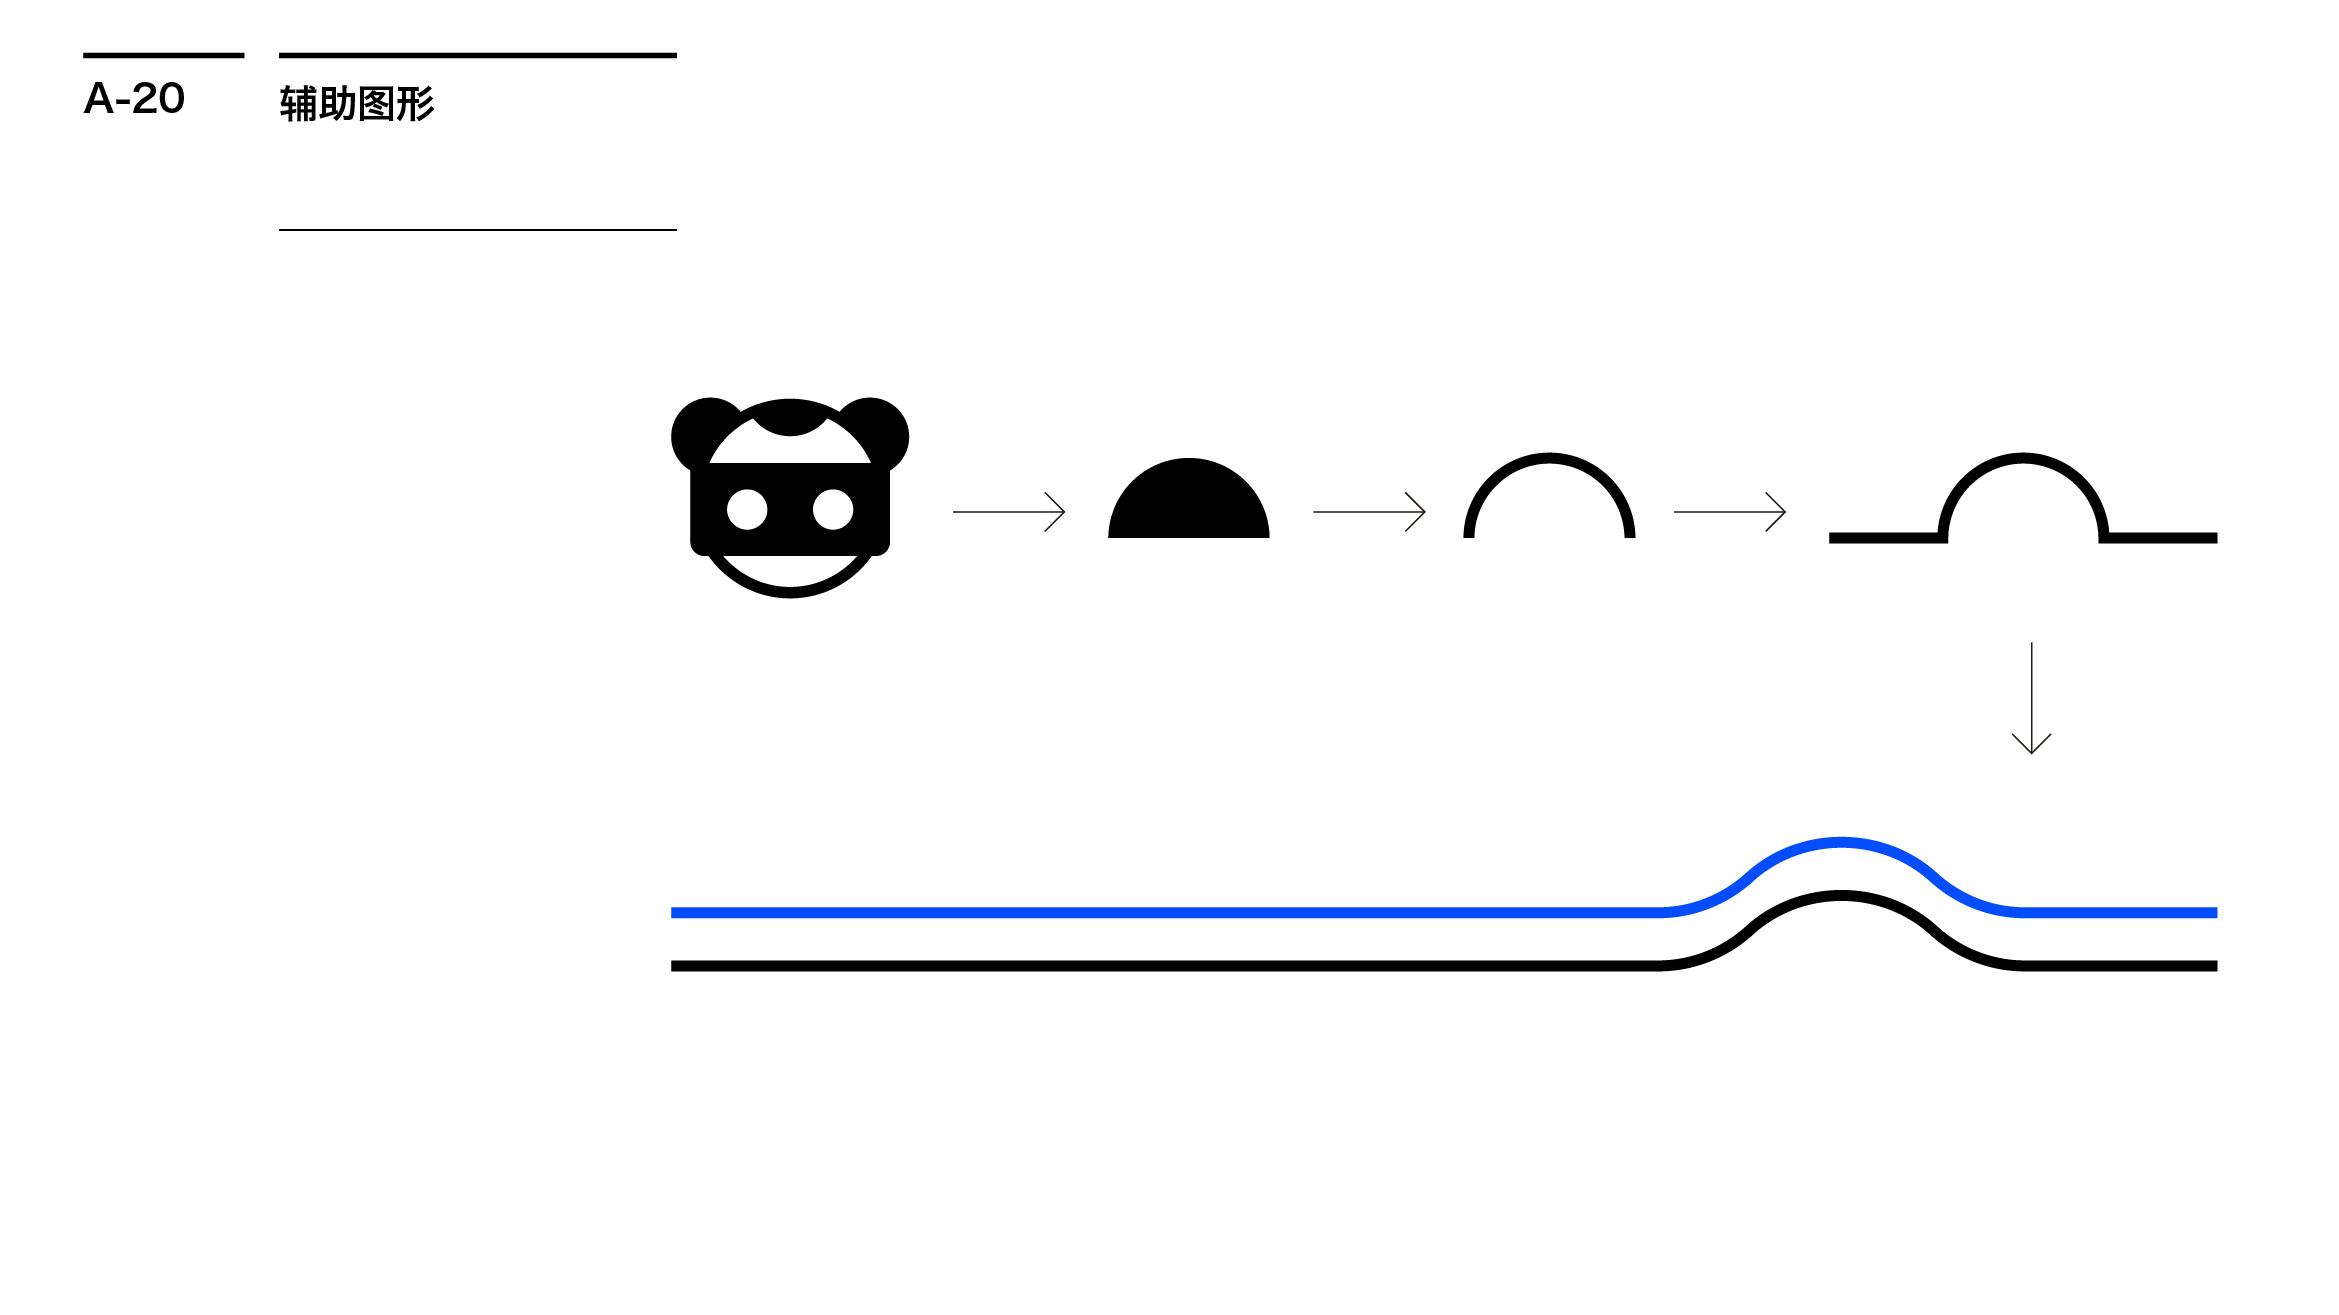 vi辅助图形设计_a 基础系统设计-辅助图形